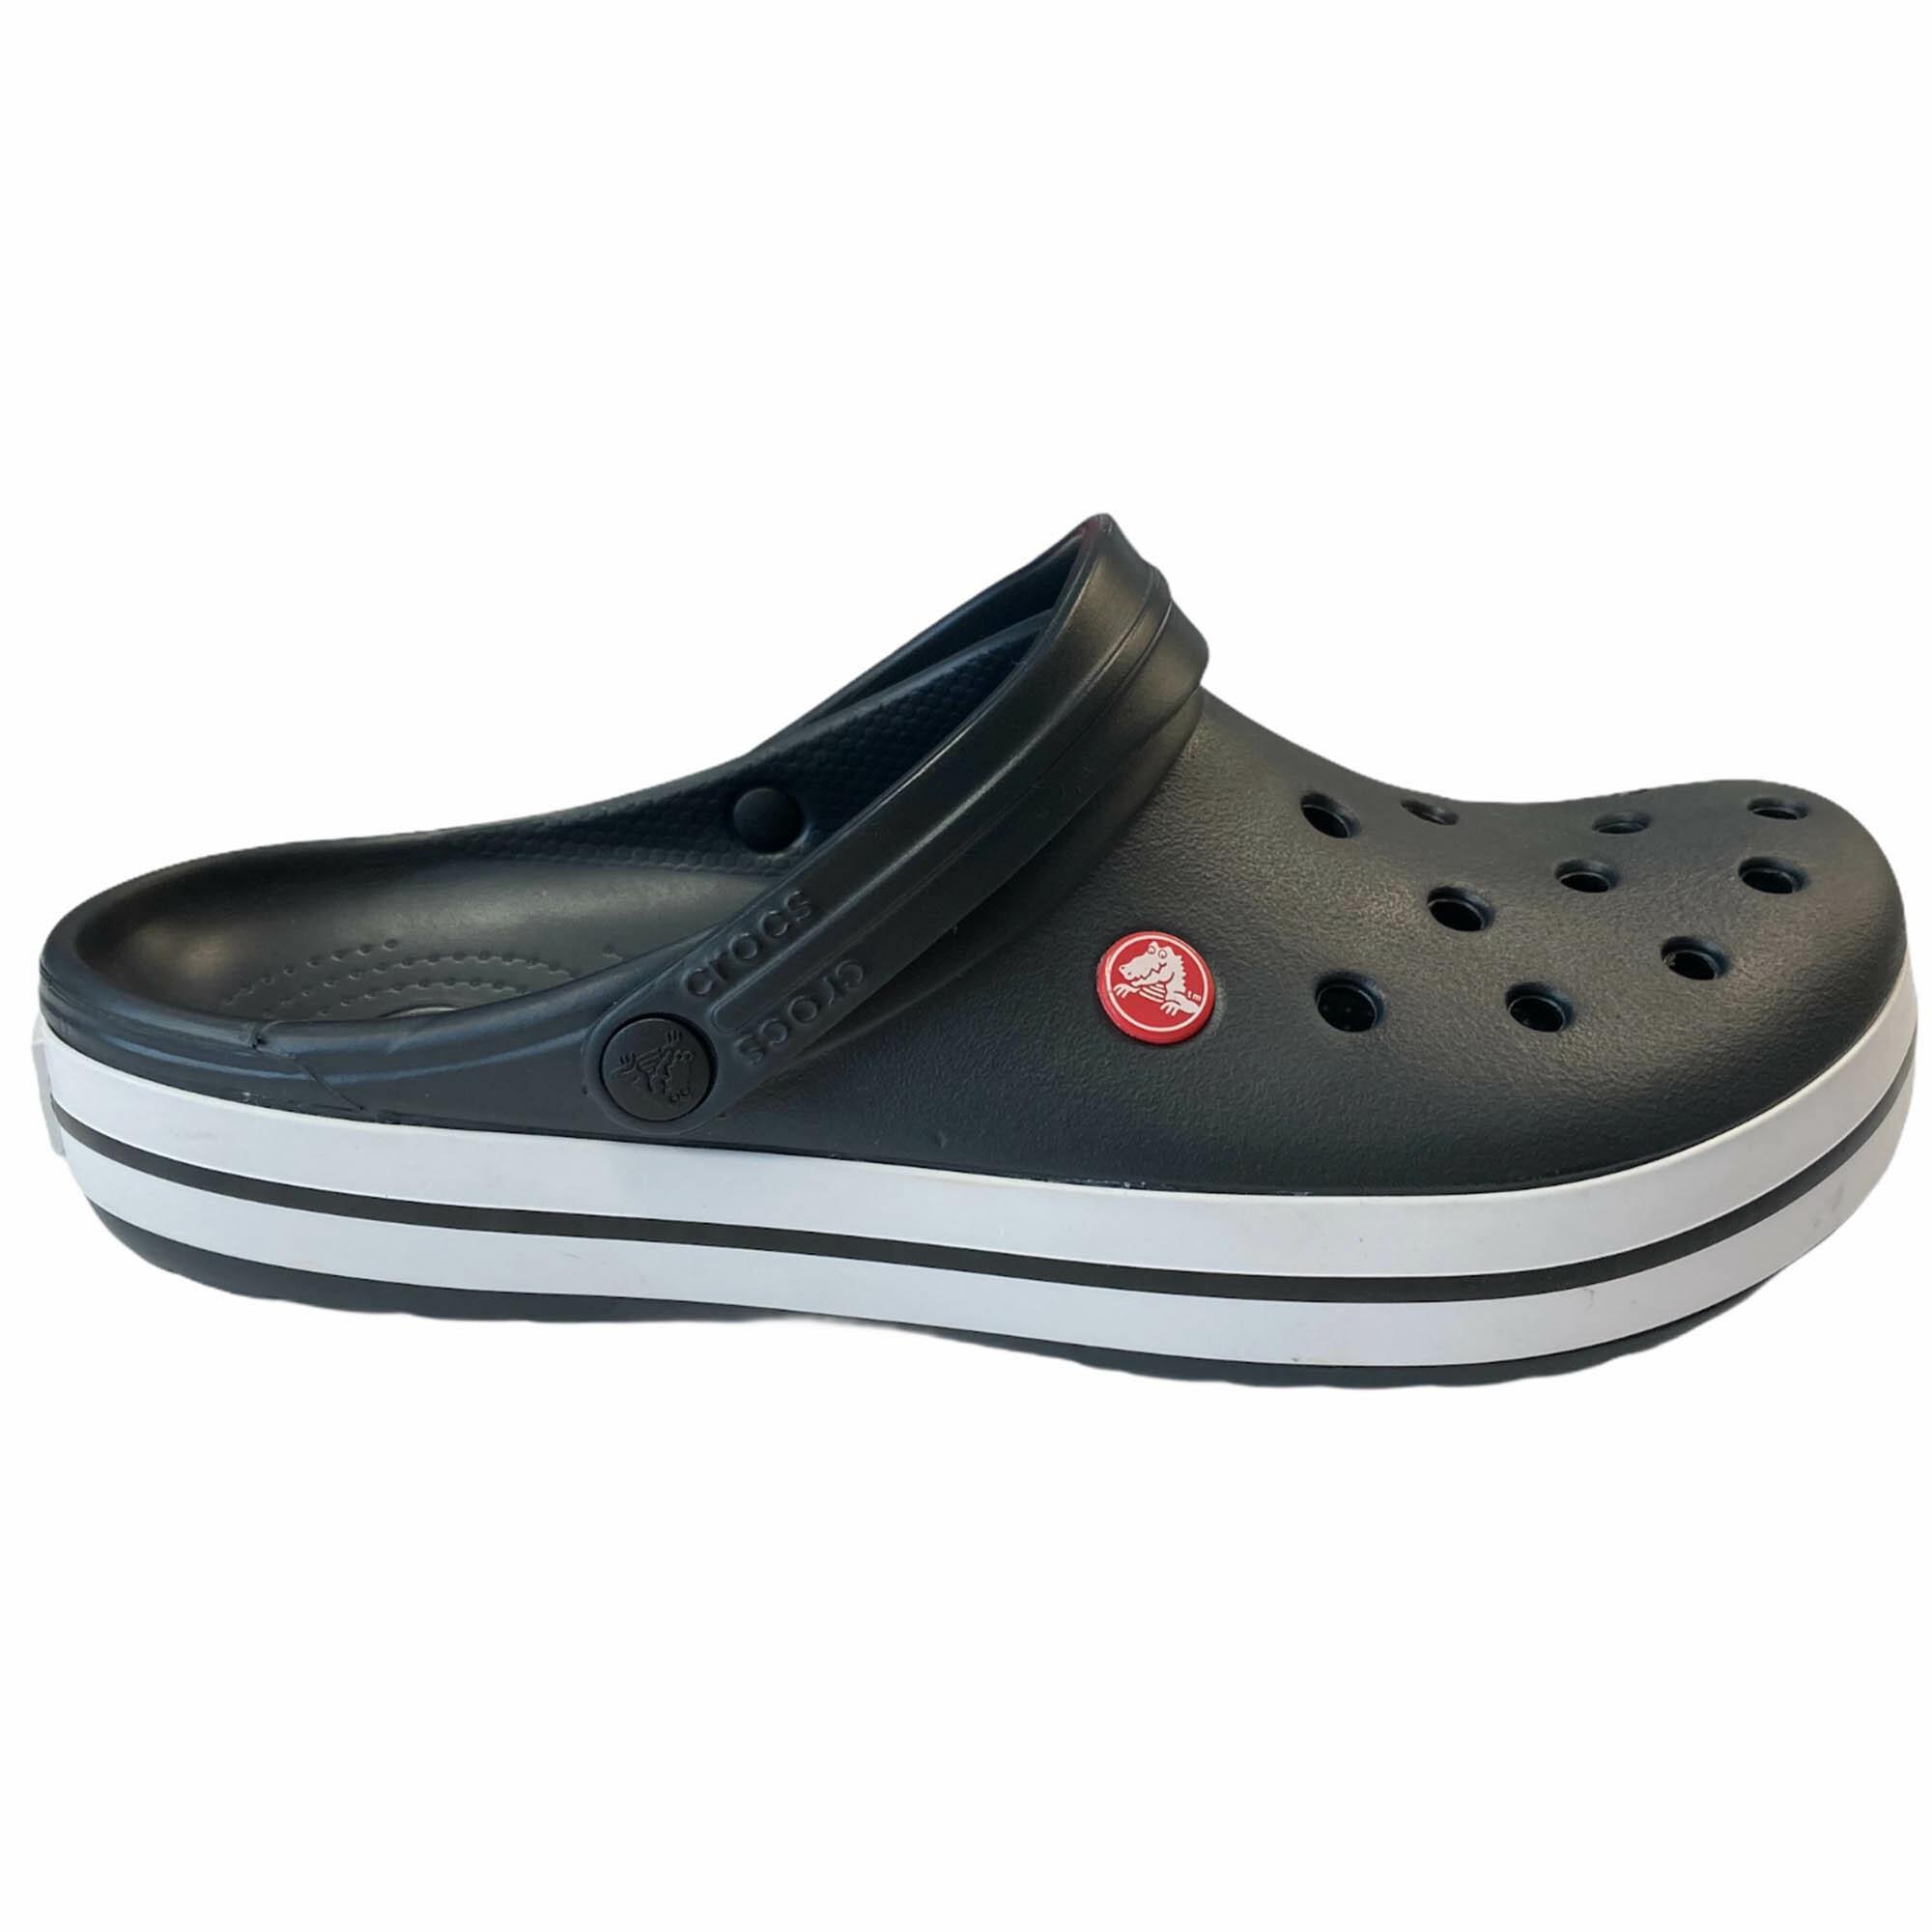 Sandália Crocs Crocband BLK